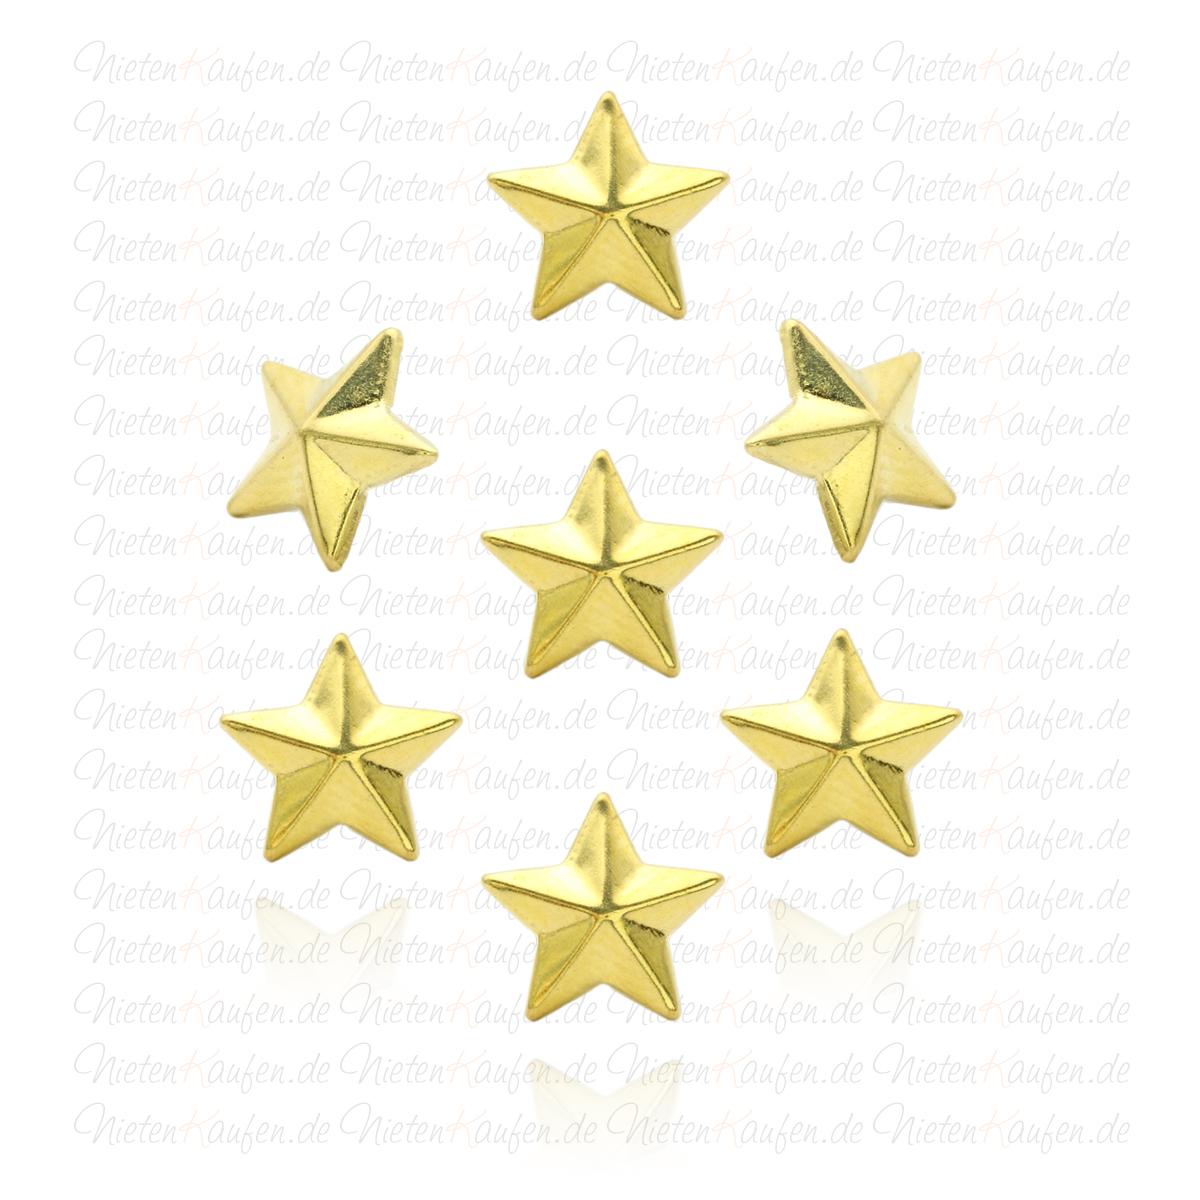 goldene hotfix sternnieten zum aufb geln oder aufkleben 10mm hotfix stern nieten zum aufb geln. Black Bedroom Furniture Sets. Home Design Ideas